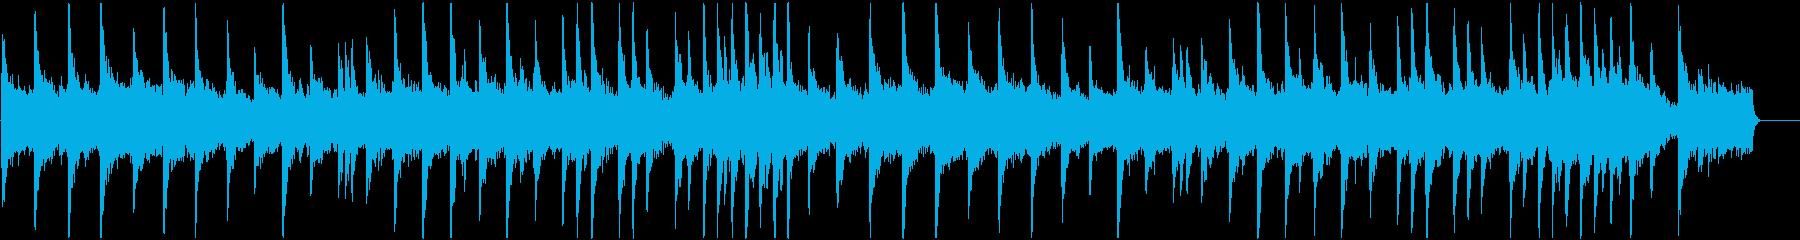 静まったかのような雰囲気のエレクトロニカの再生済みの波形